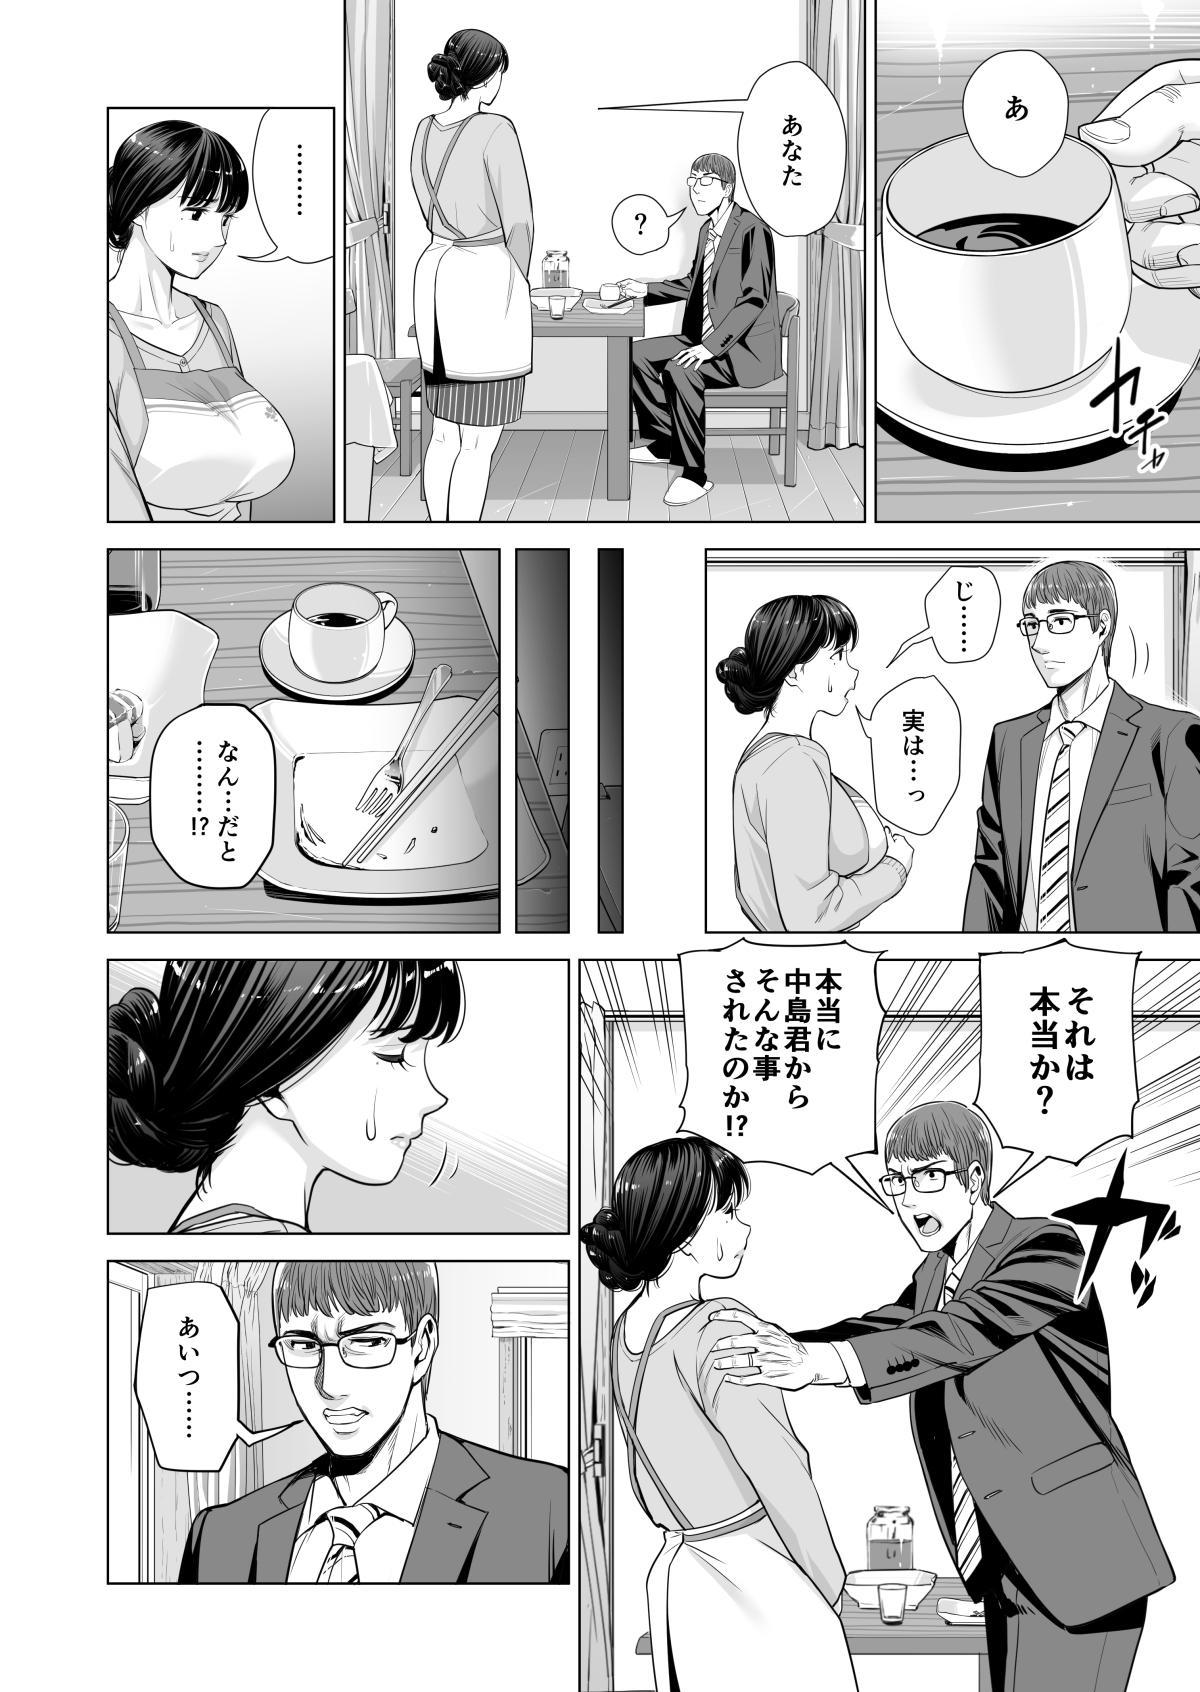 Tsukiyo no Midare Sake 22